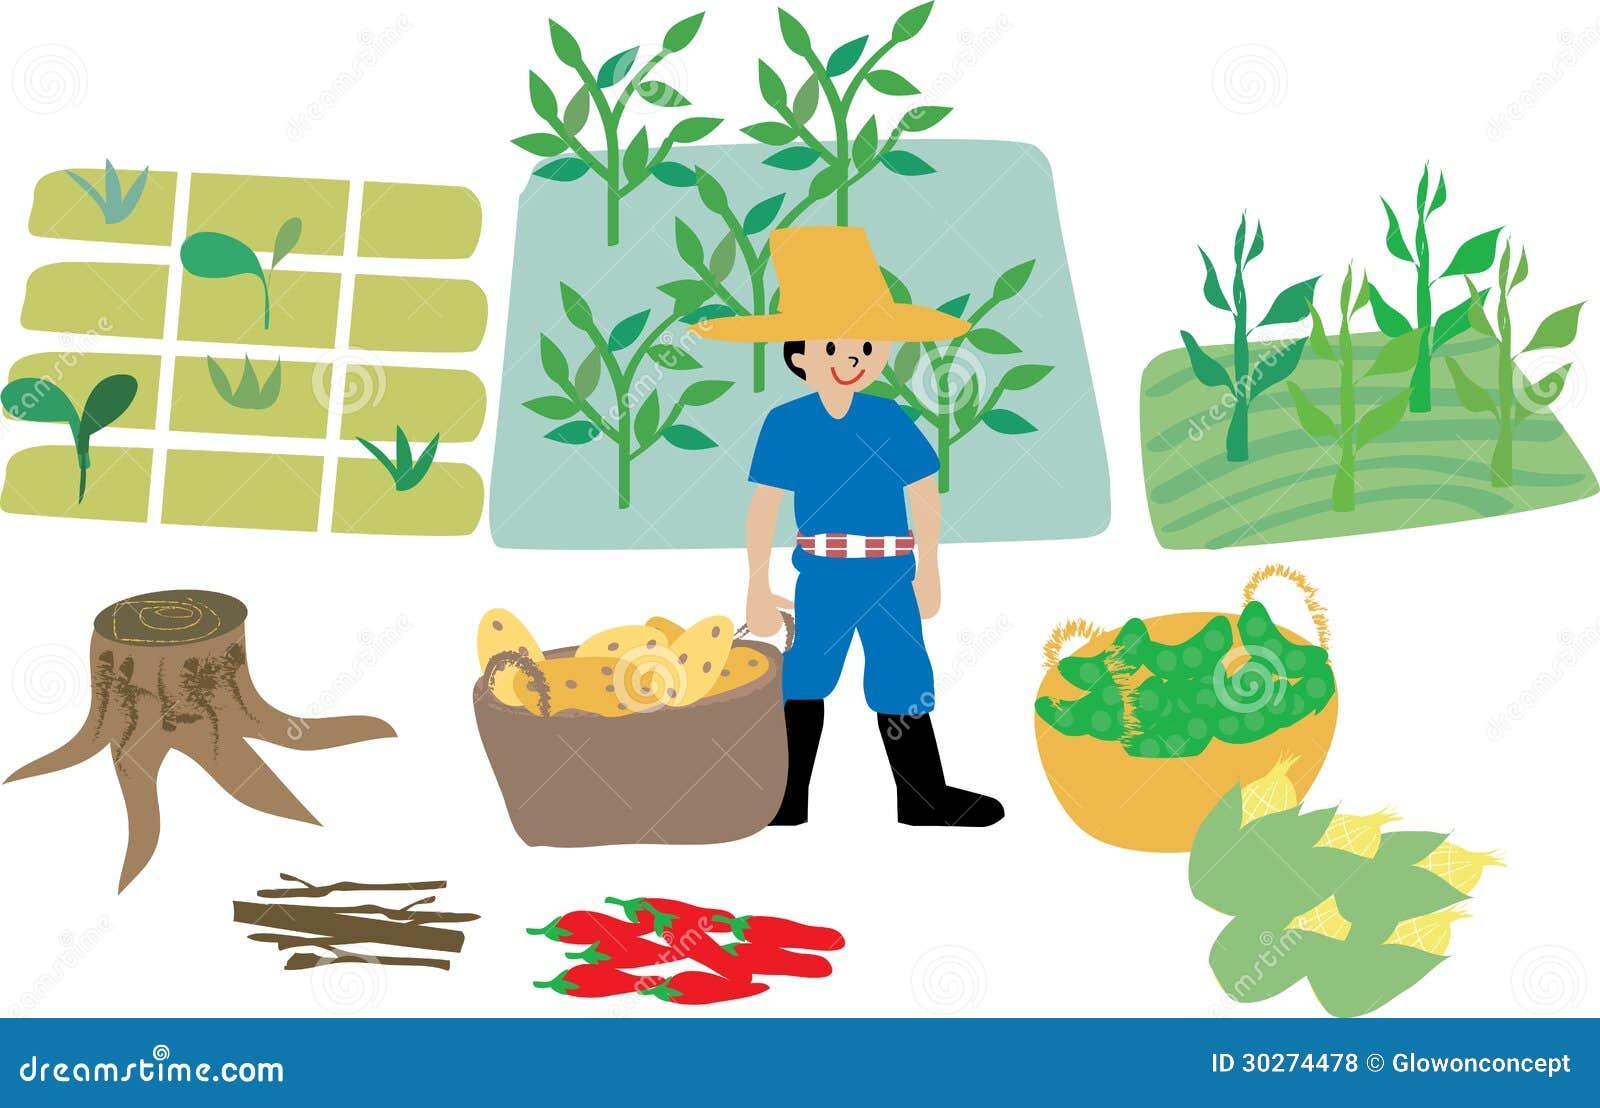 Granjero con los elementos del ecosistema de la granja